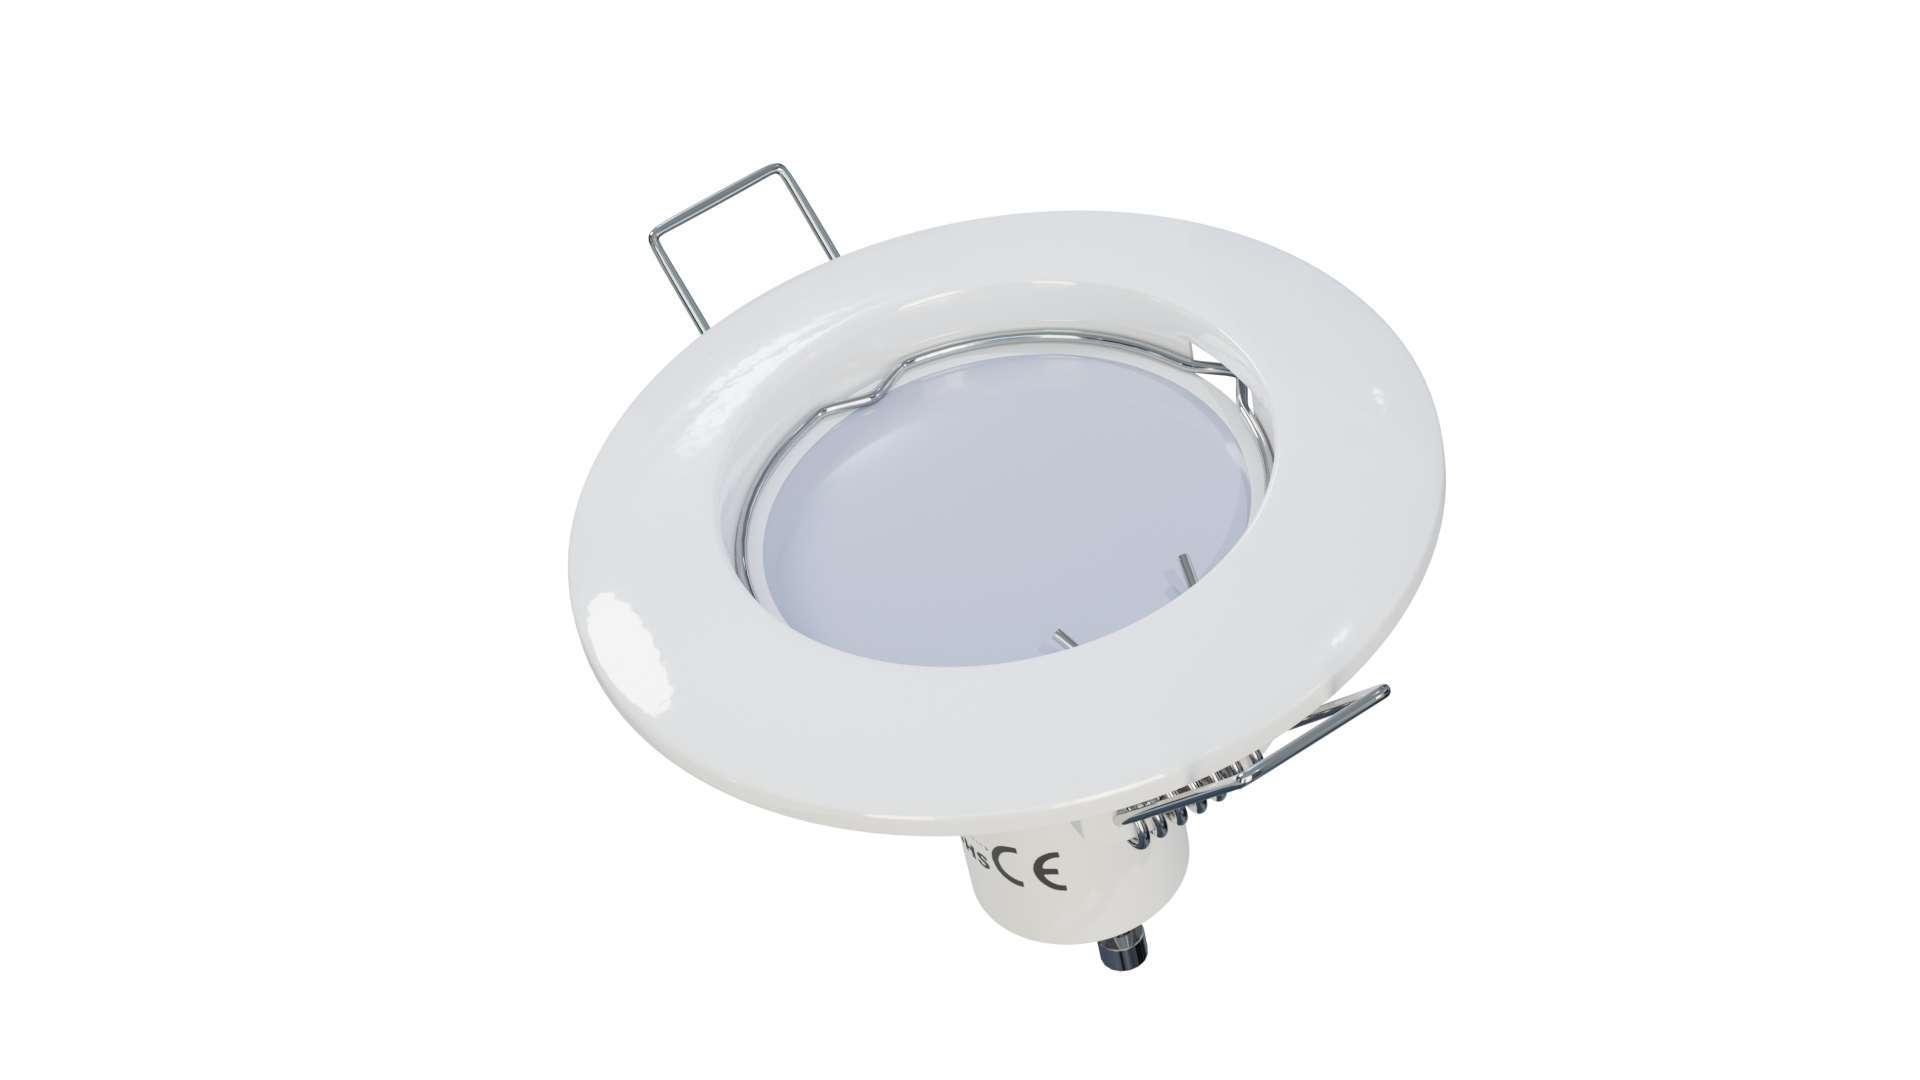 Oprawa ROKA odlew okrągła stała biała